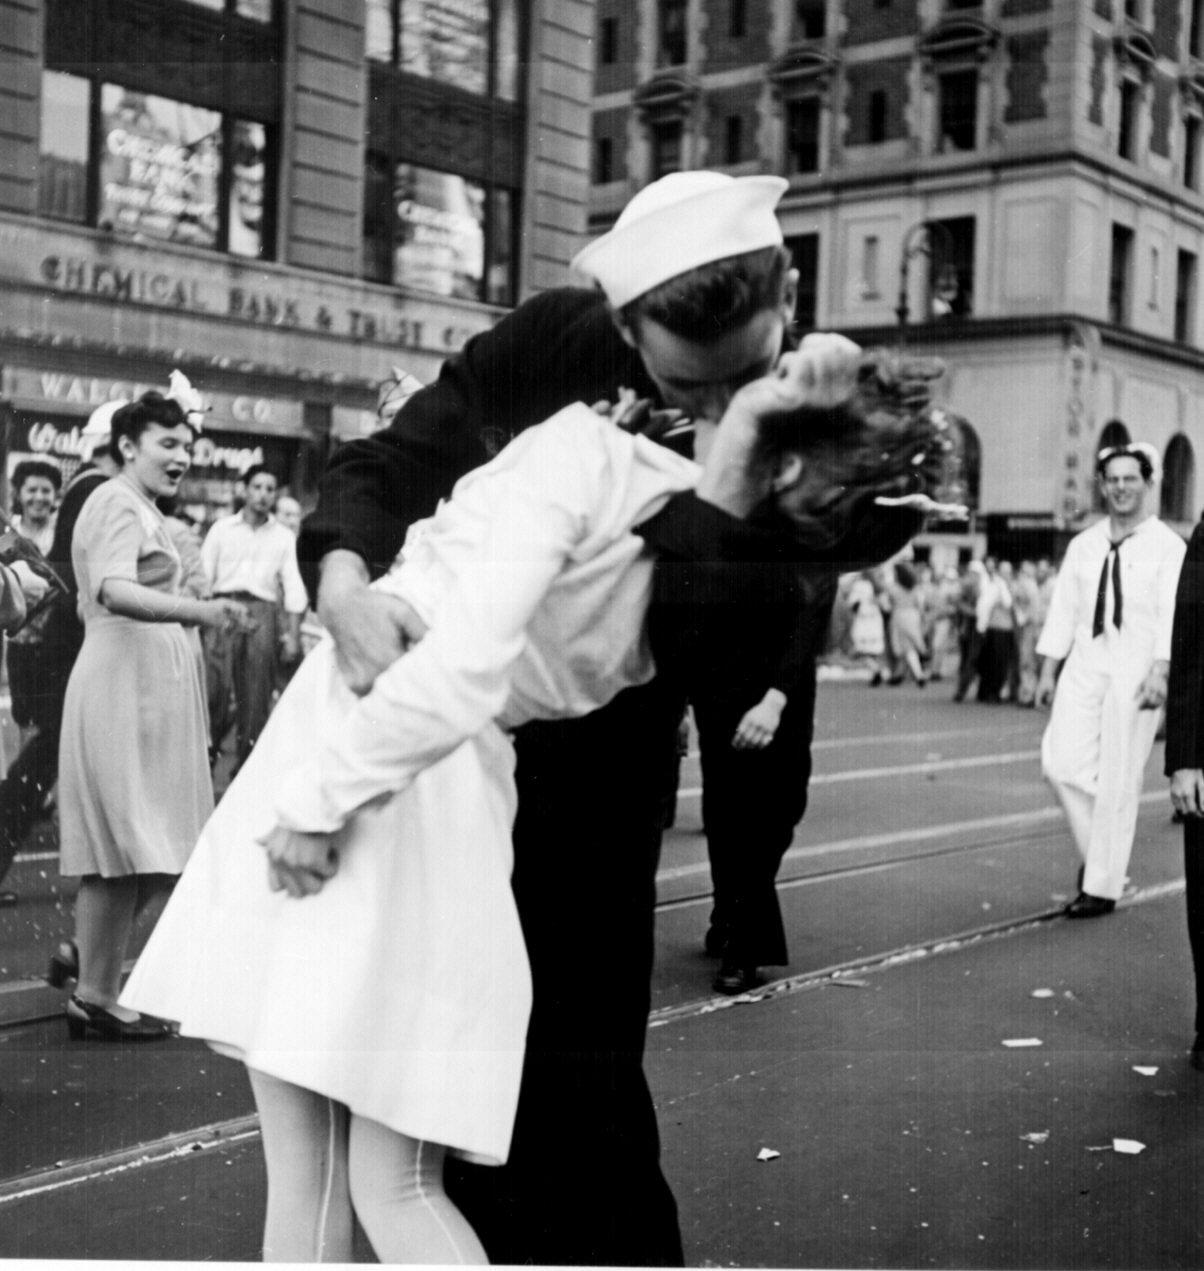 A fotografia original de Alfred Eisenstaedt, em 1945.